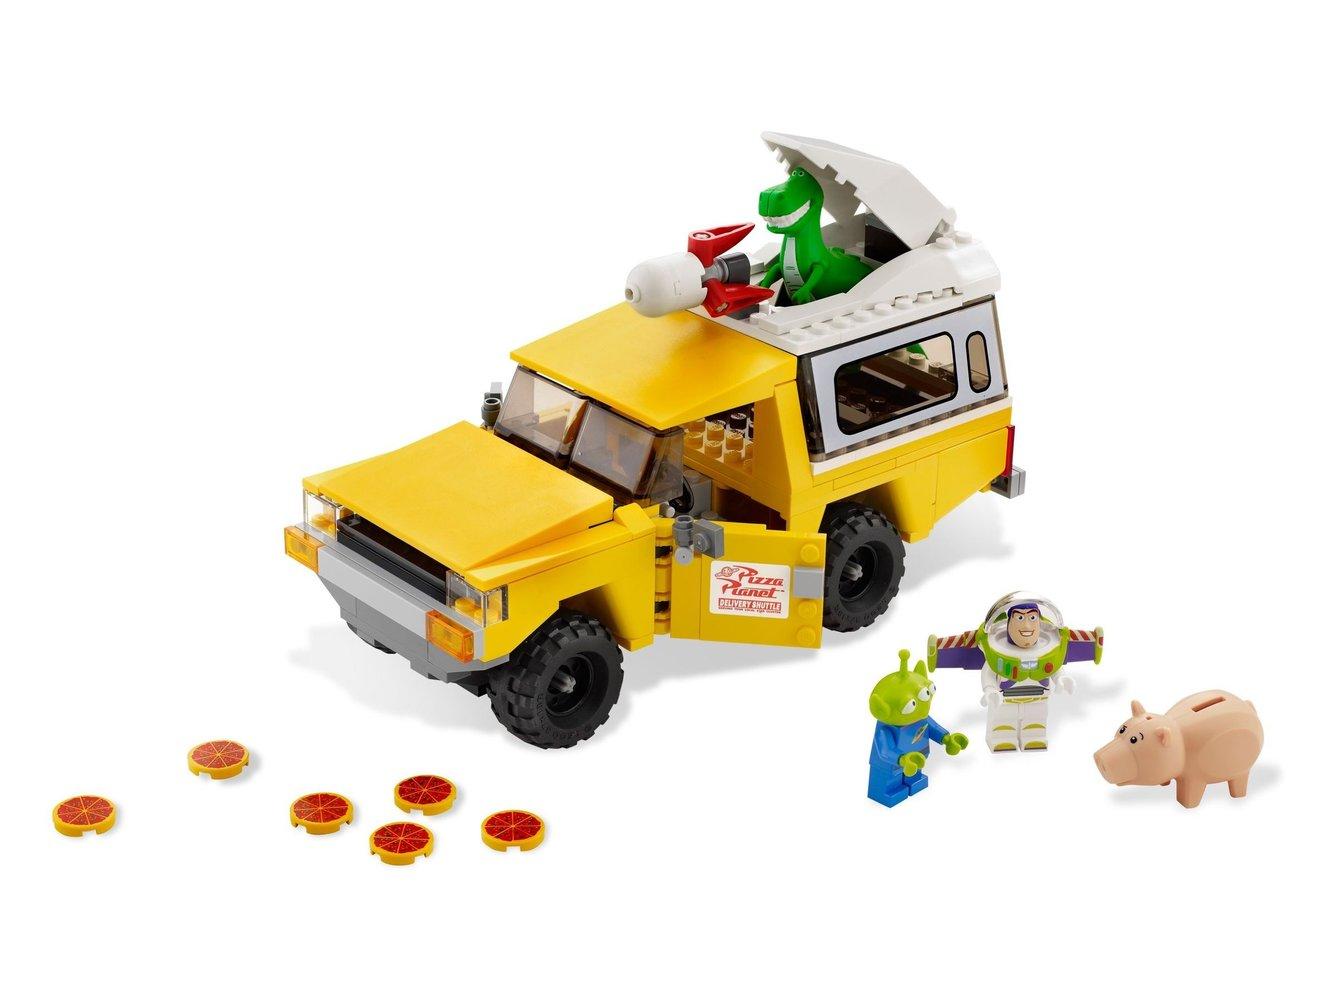 Pizza Planet Truck Rescue